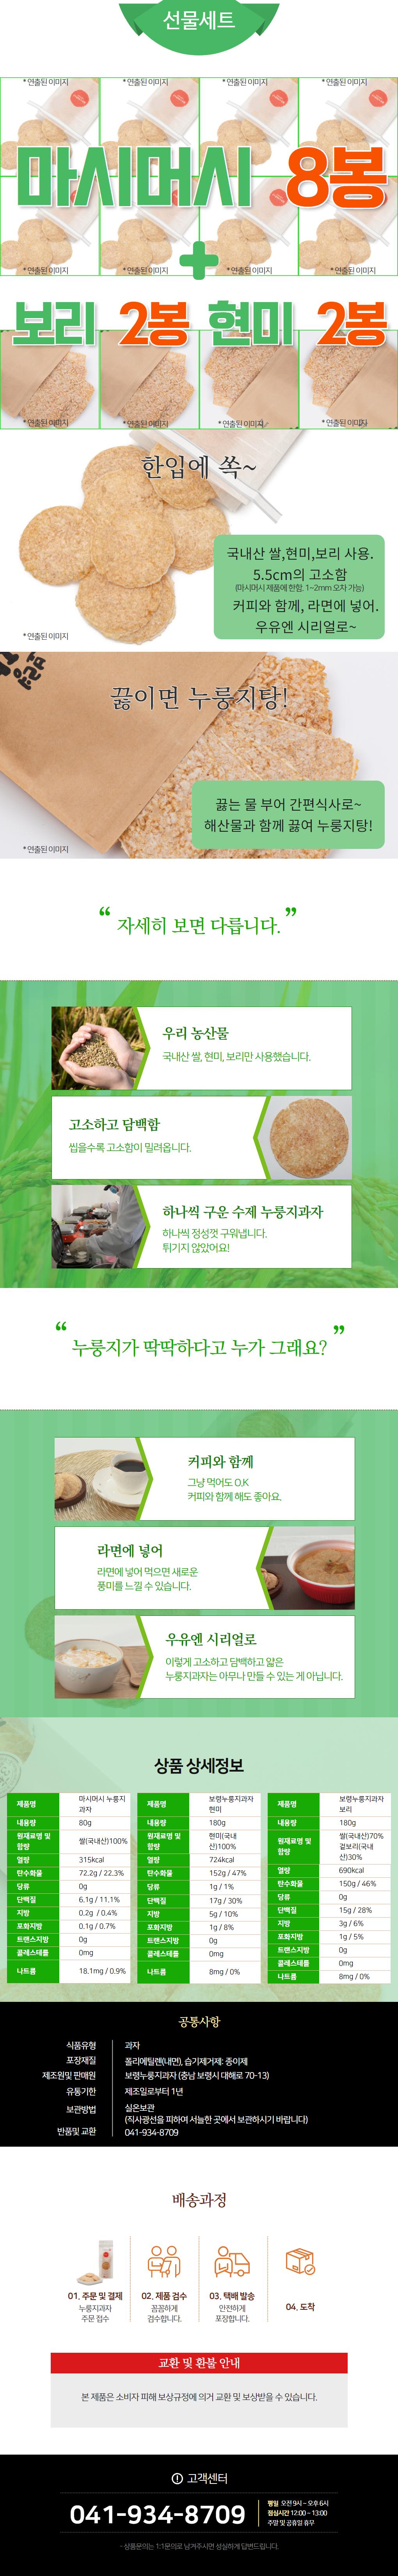 보령누룽지과자 선물세트 20201215최종